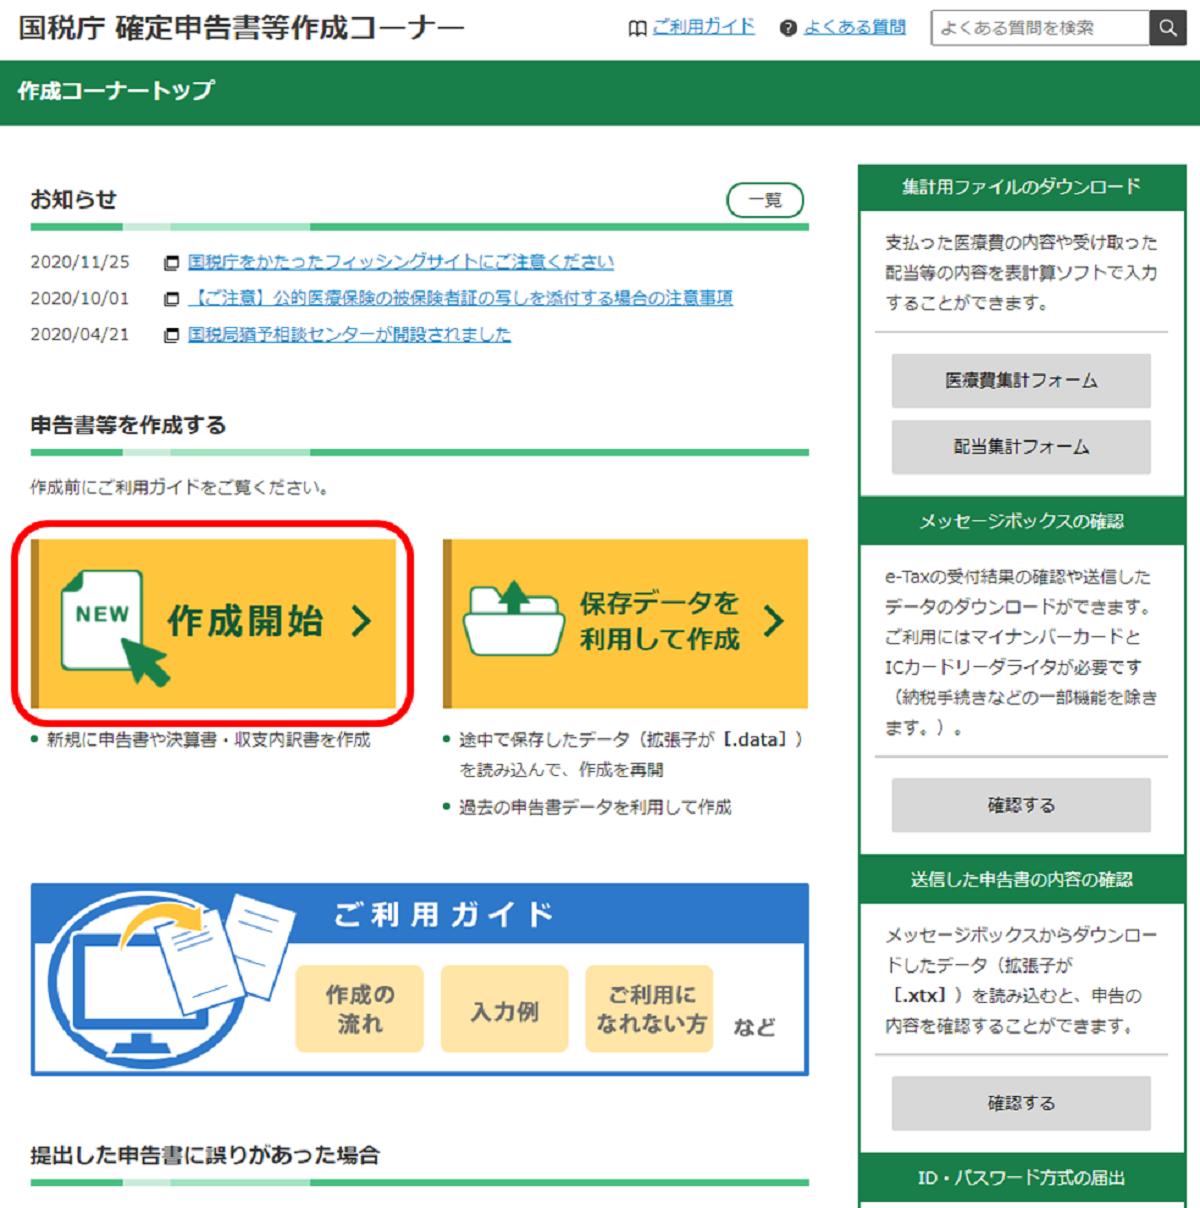 国税庁確定申告書等作成コーナーのページのスクリーンショット(トップページ)